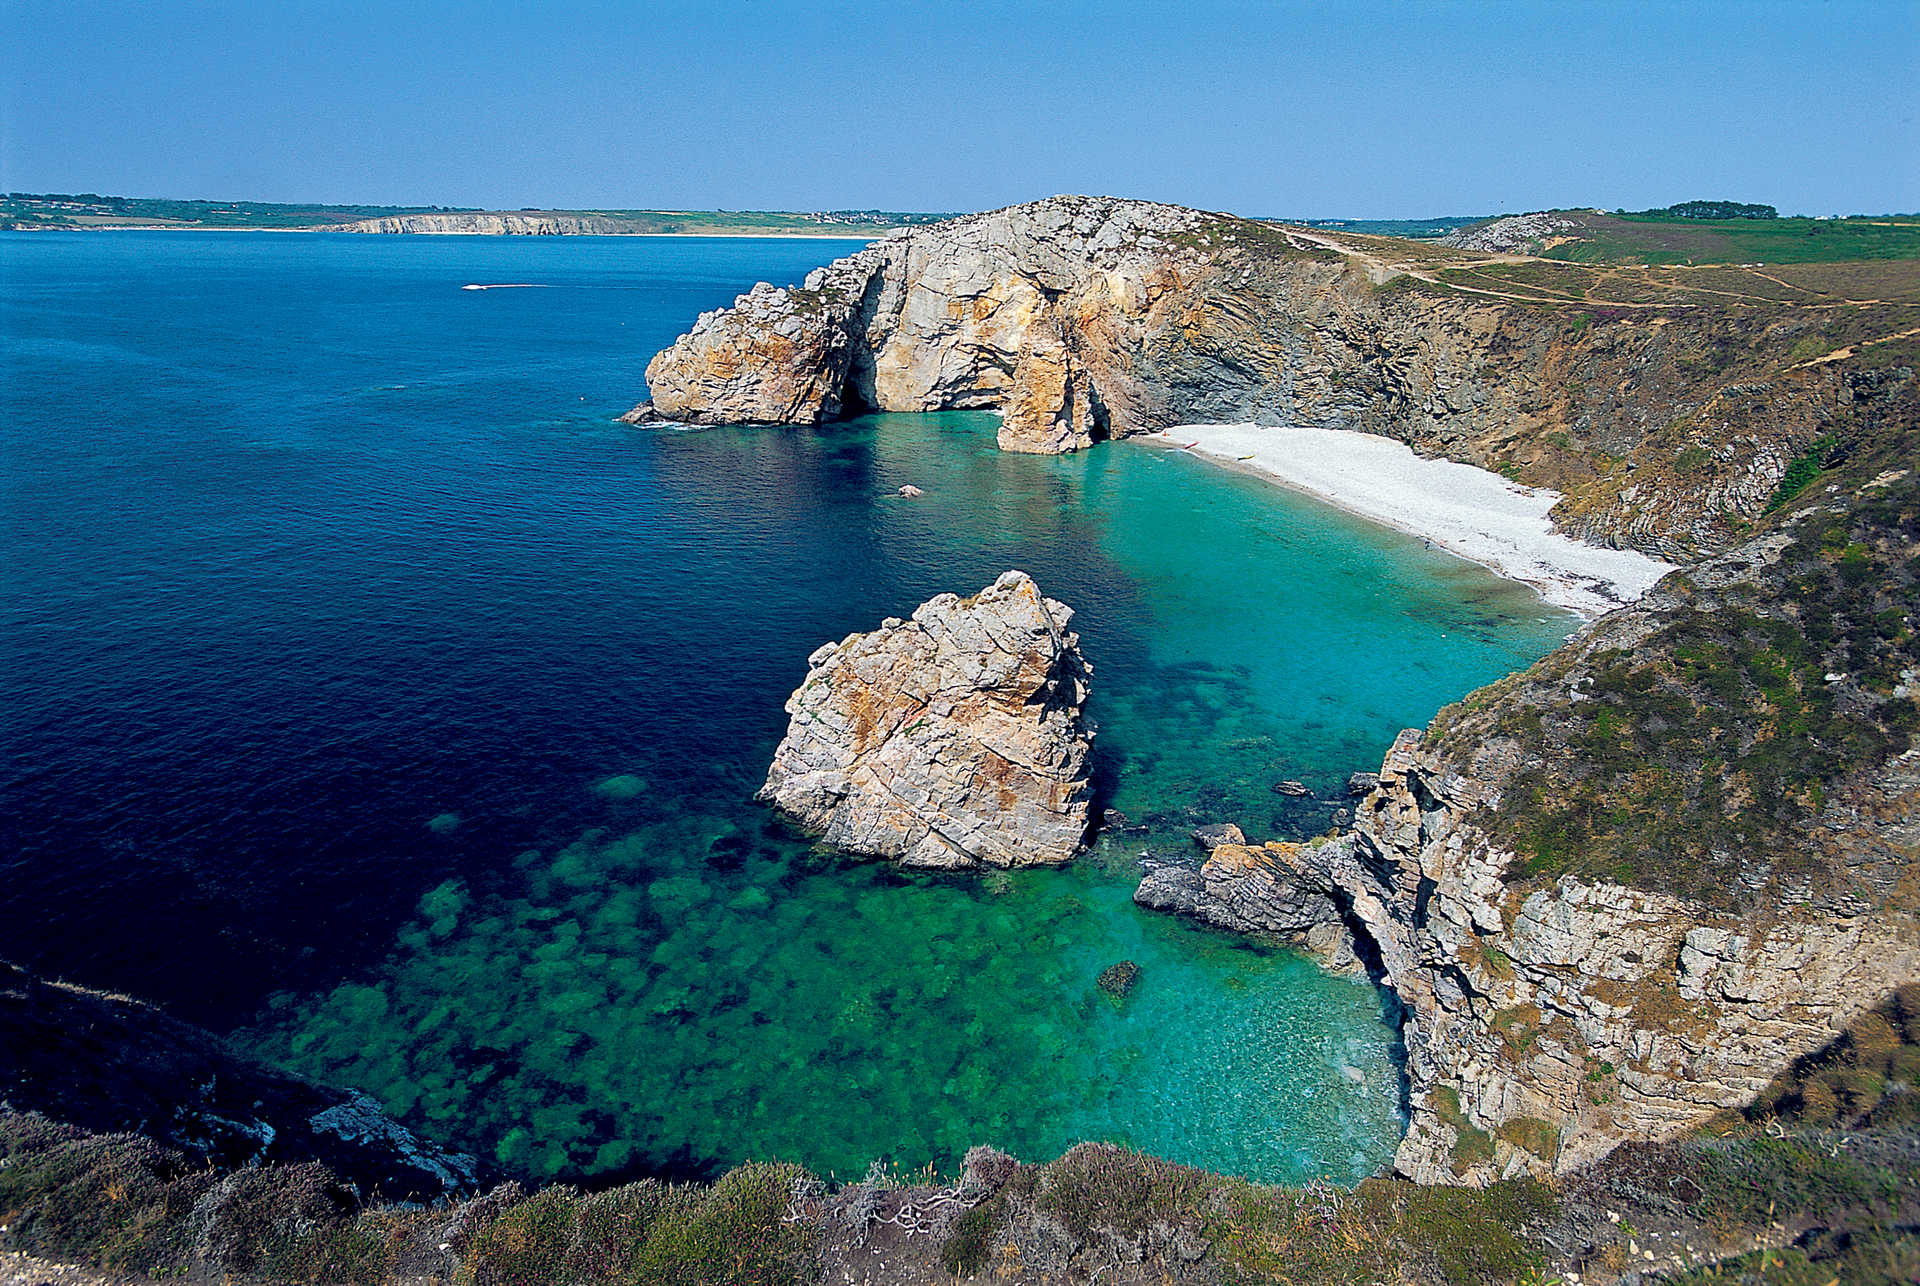 vue surplombant une plage aux eaux turquoises bordée de falaises